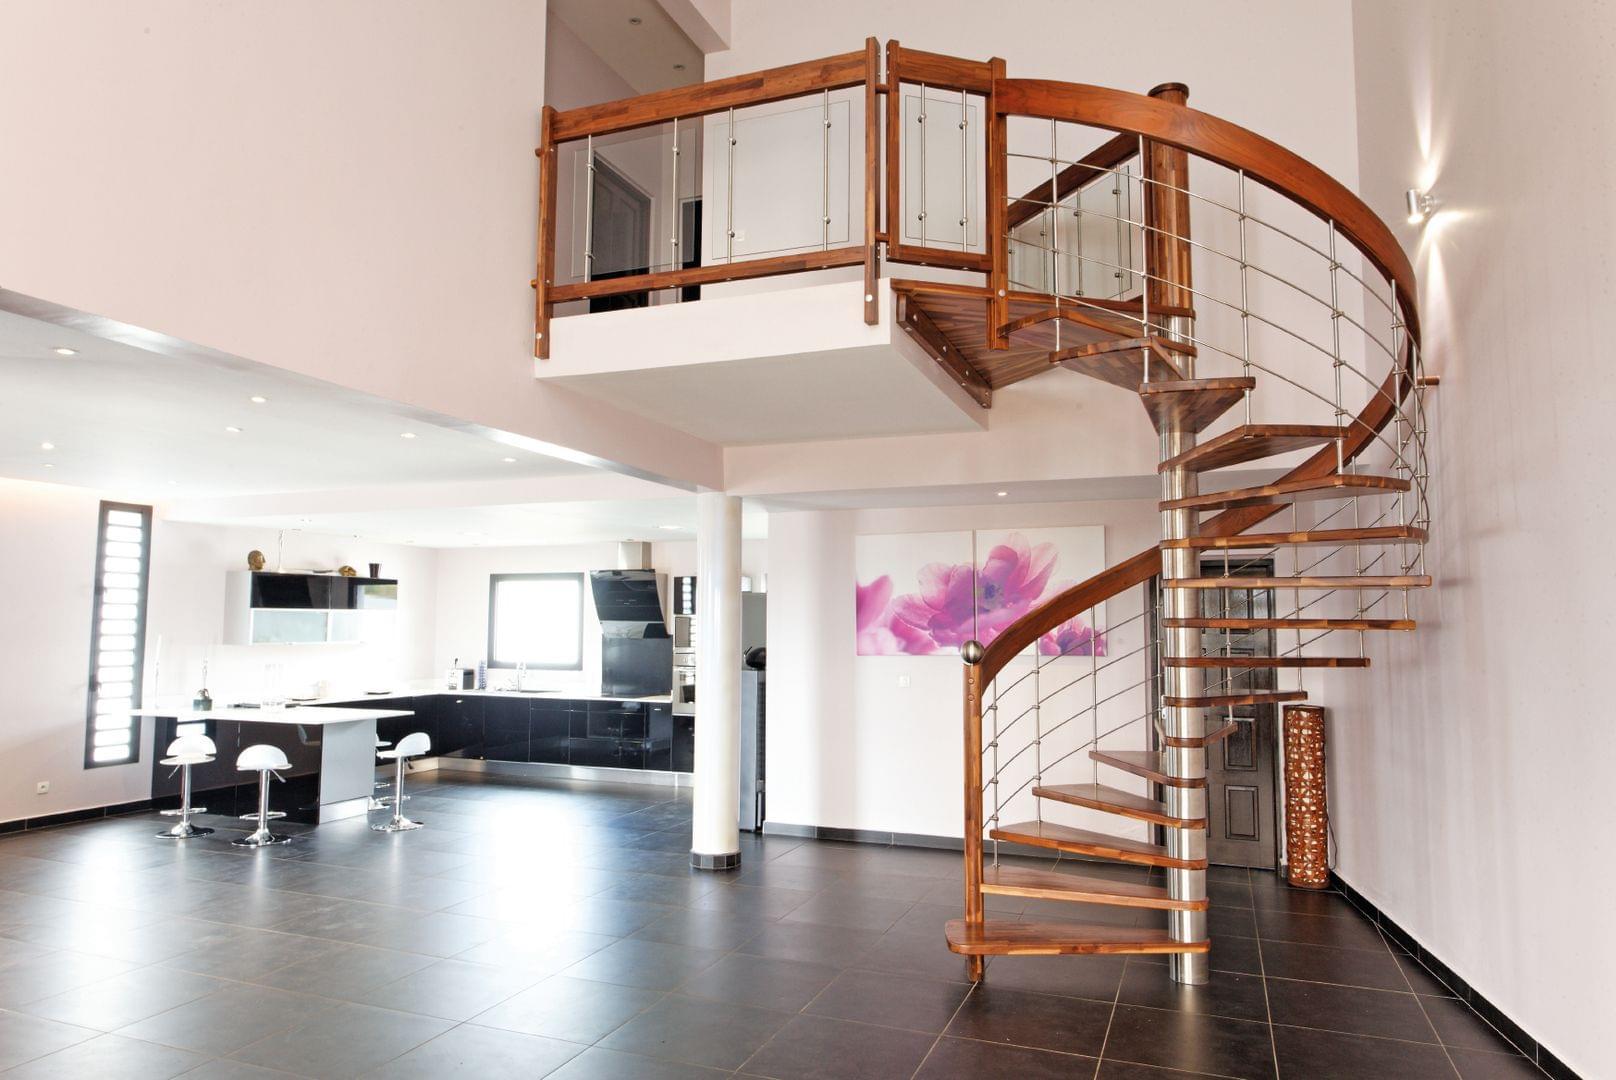 L'escalier : plus qu'un rôle fonctionnel